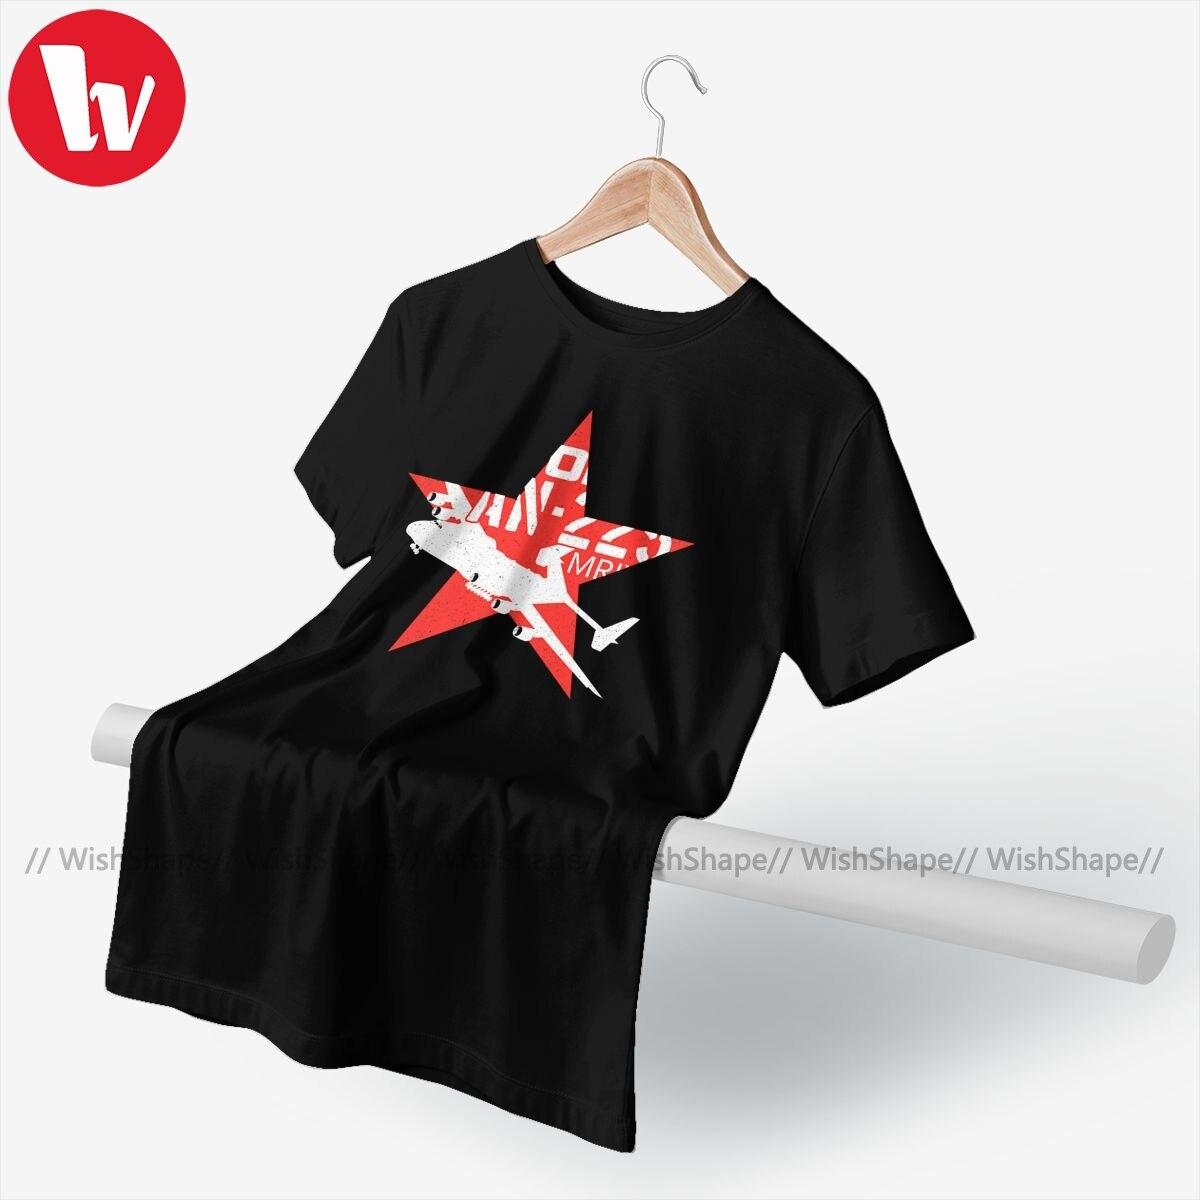 Антонов Футболка Harajuku 100 процентный хлопок футболка с короткими рукавами, с принтом в стиле «хип-хоп» Детские футболки мужской 3XL